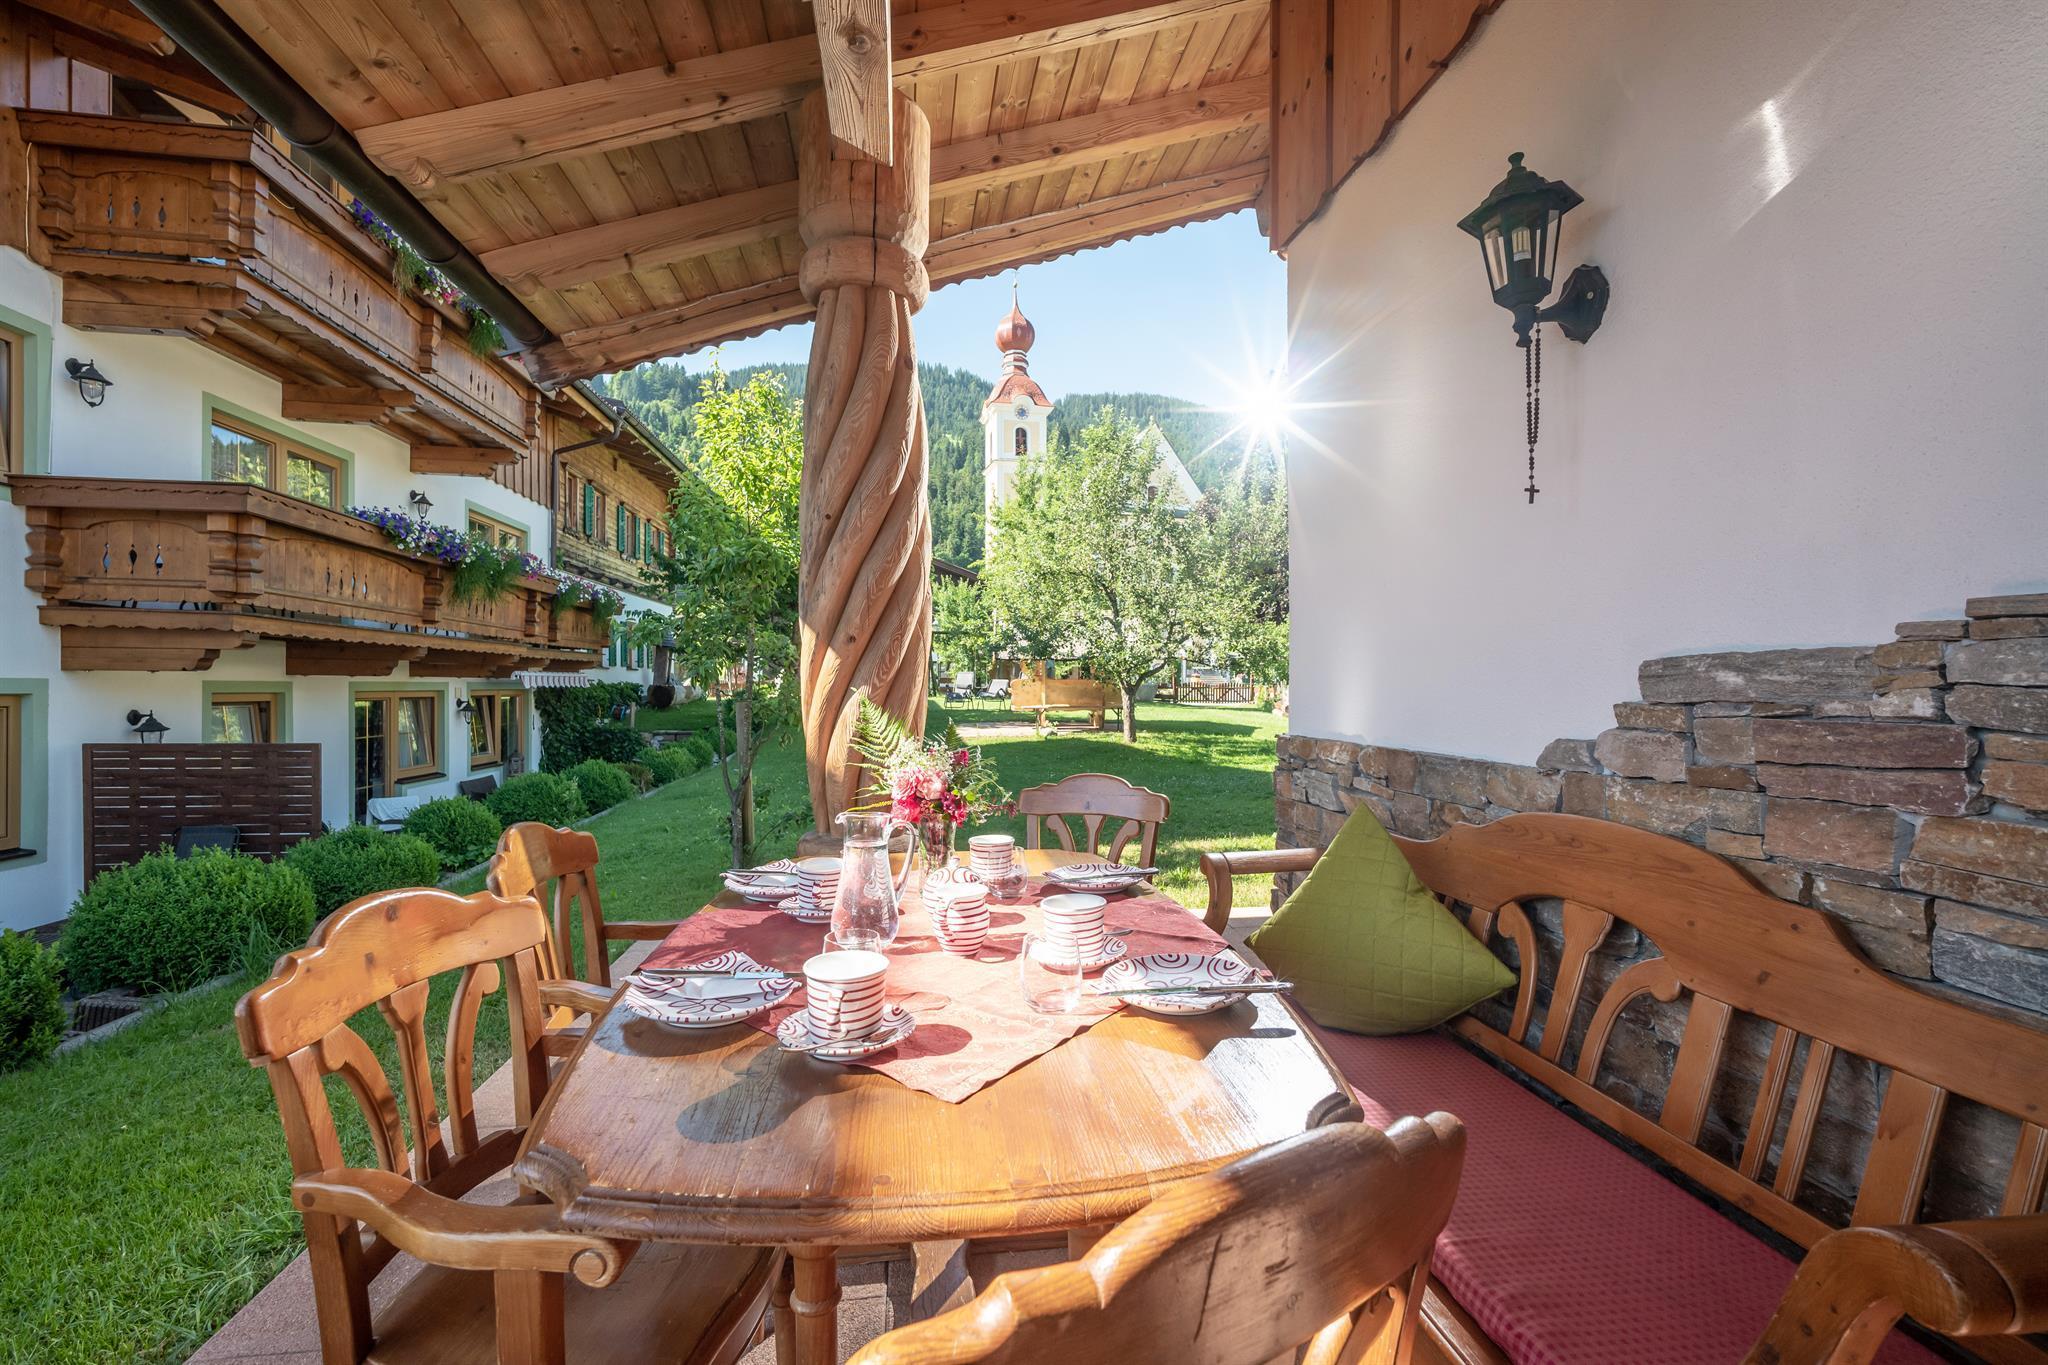 Maison de vacances Bichler's Ferienhaus Ferienhaus/2 Schlafräume/Bad, WC (2616276), Going am Wilden Kaiser, Wilder Kaiser, Tyrol, Autriche, image 23